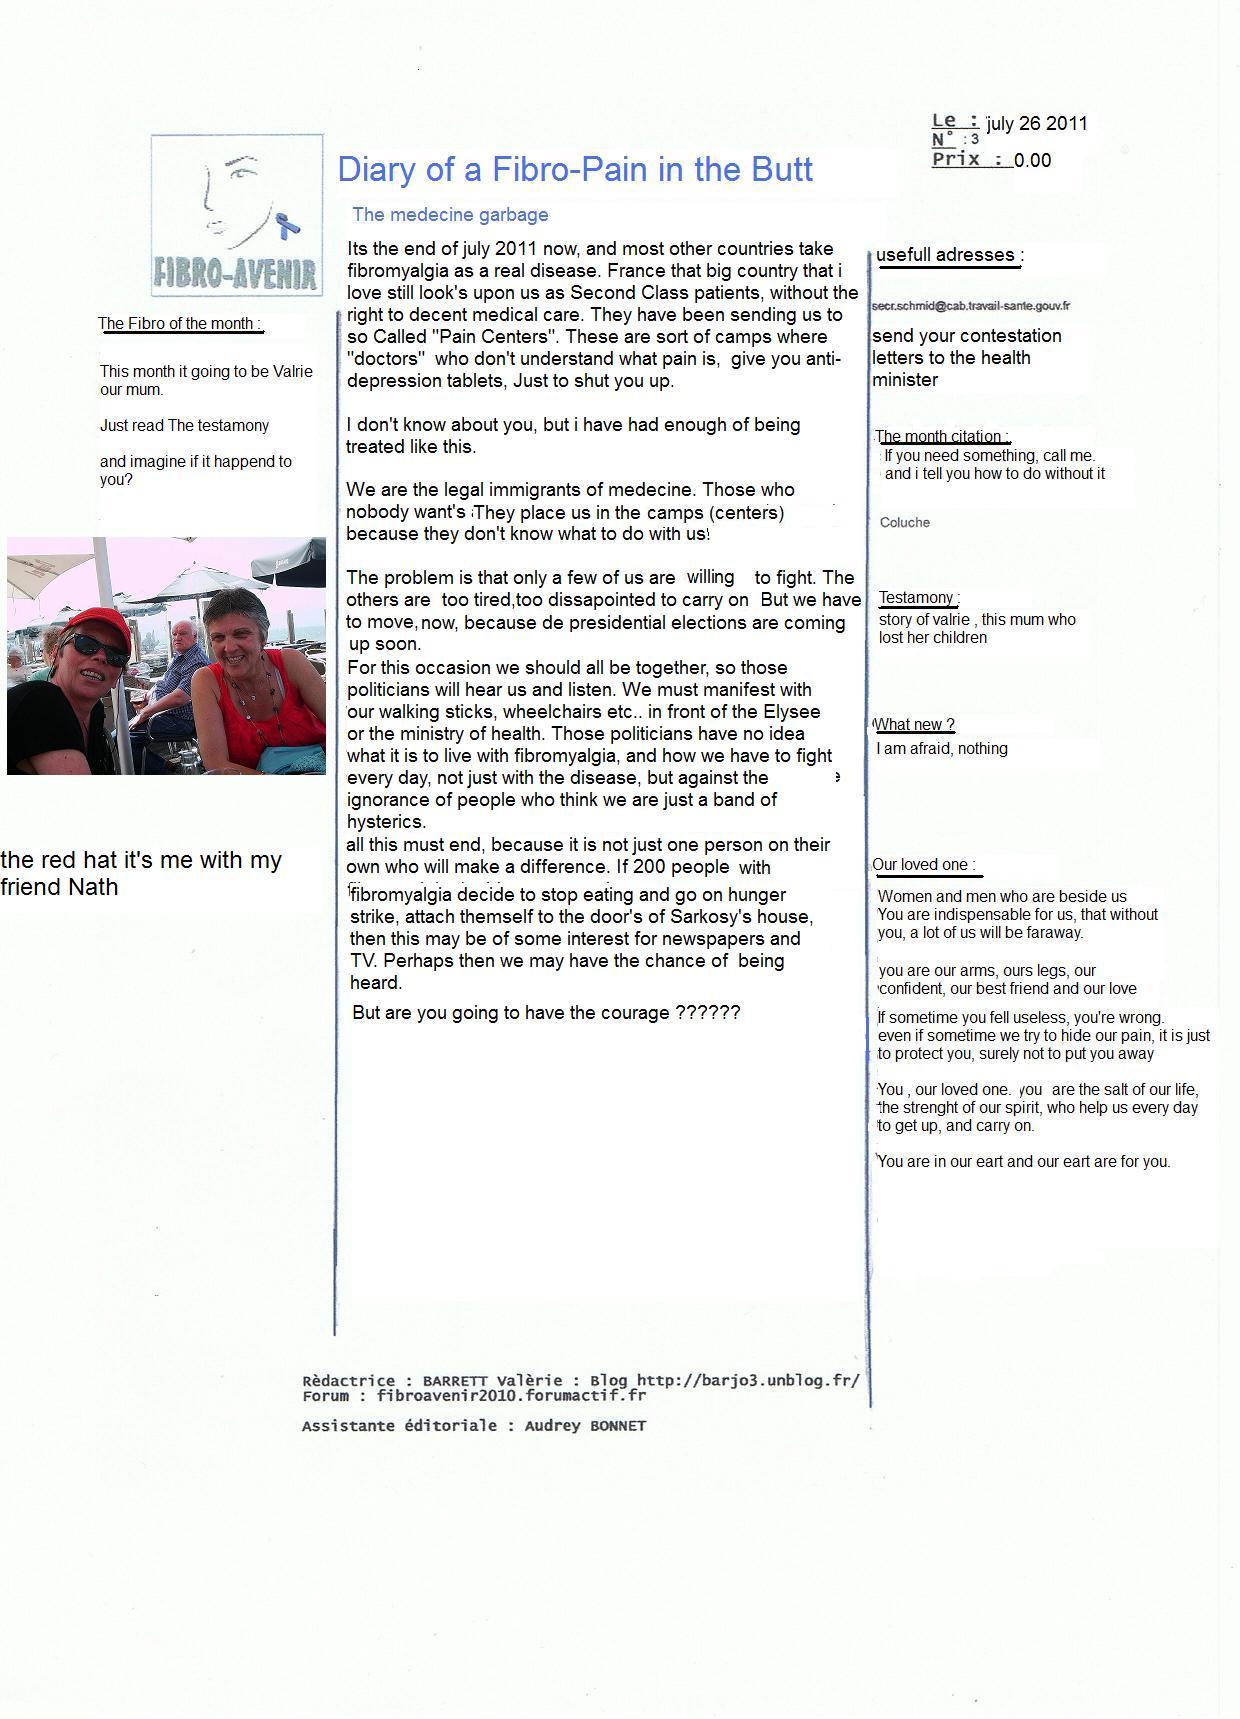 journaljuillettexteeng2.jpg